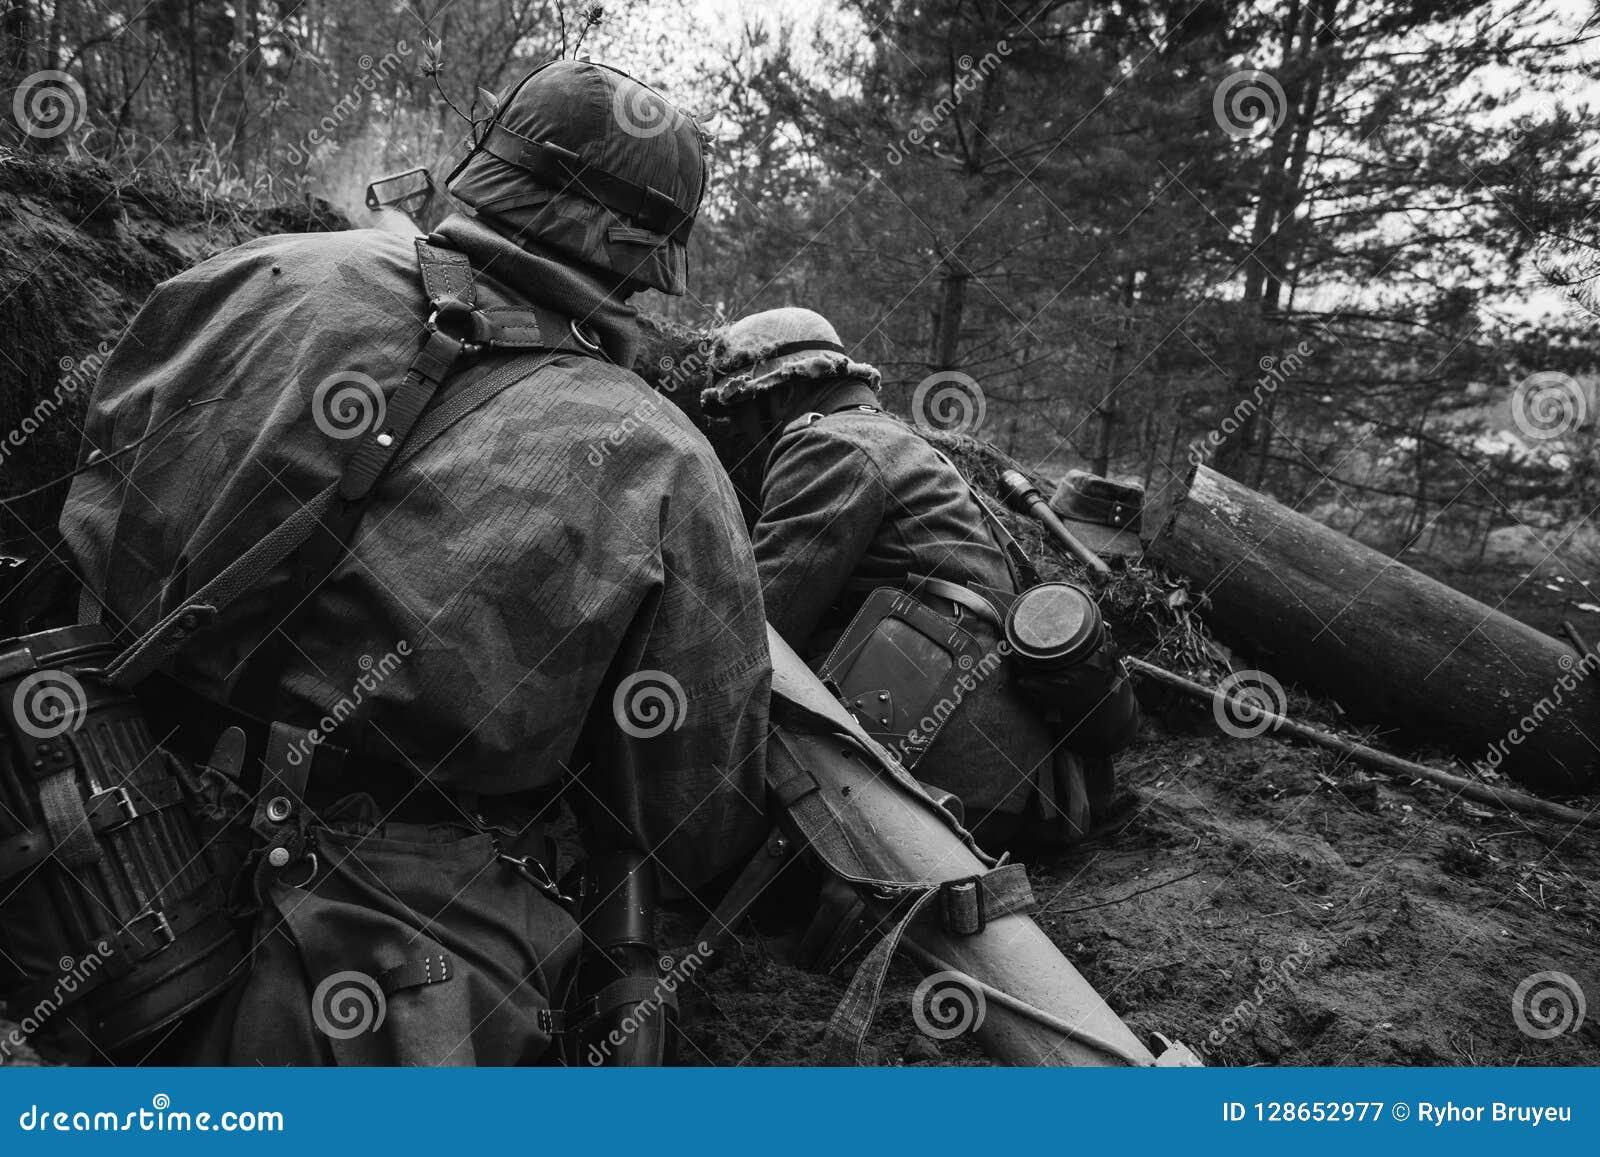 Deutsche Wehrmacht-Infanterie-Soldaten in Zweiter Weltkrieg verstecktem Sittin